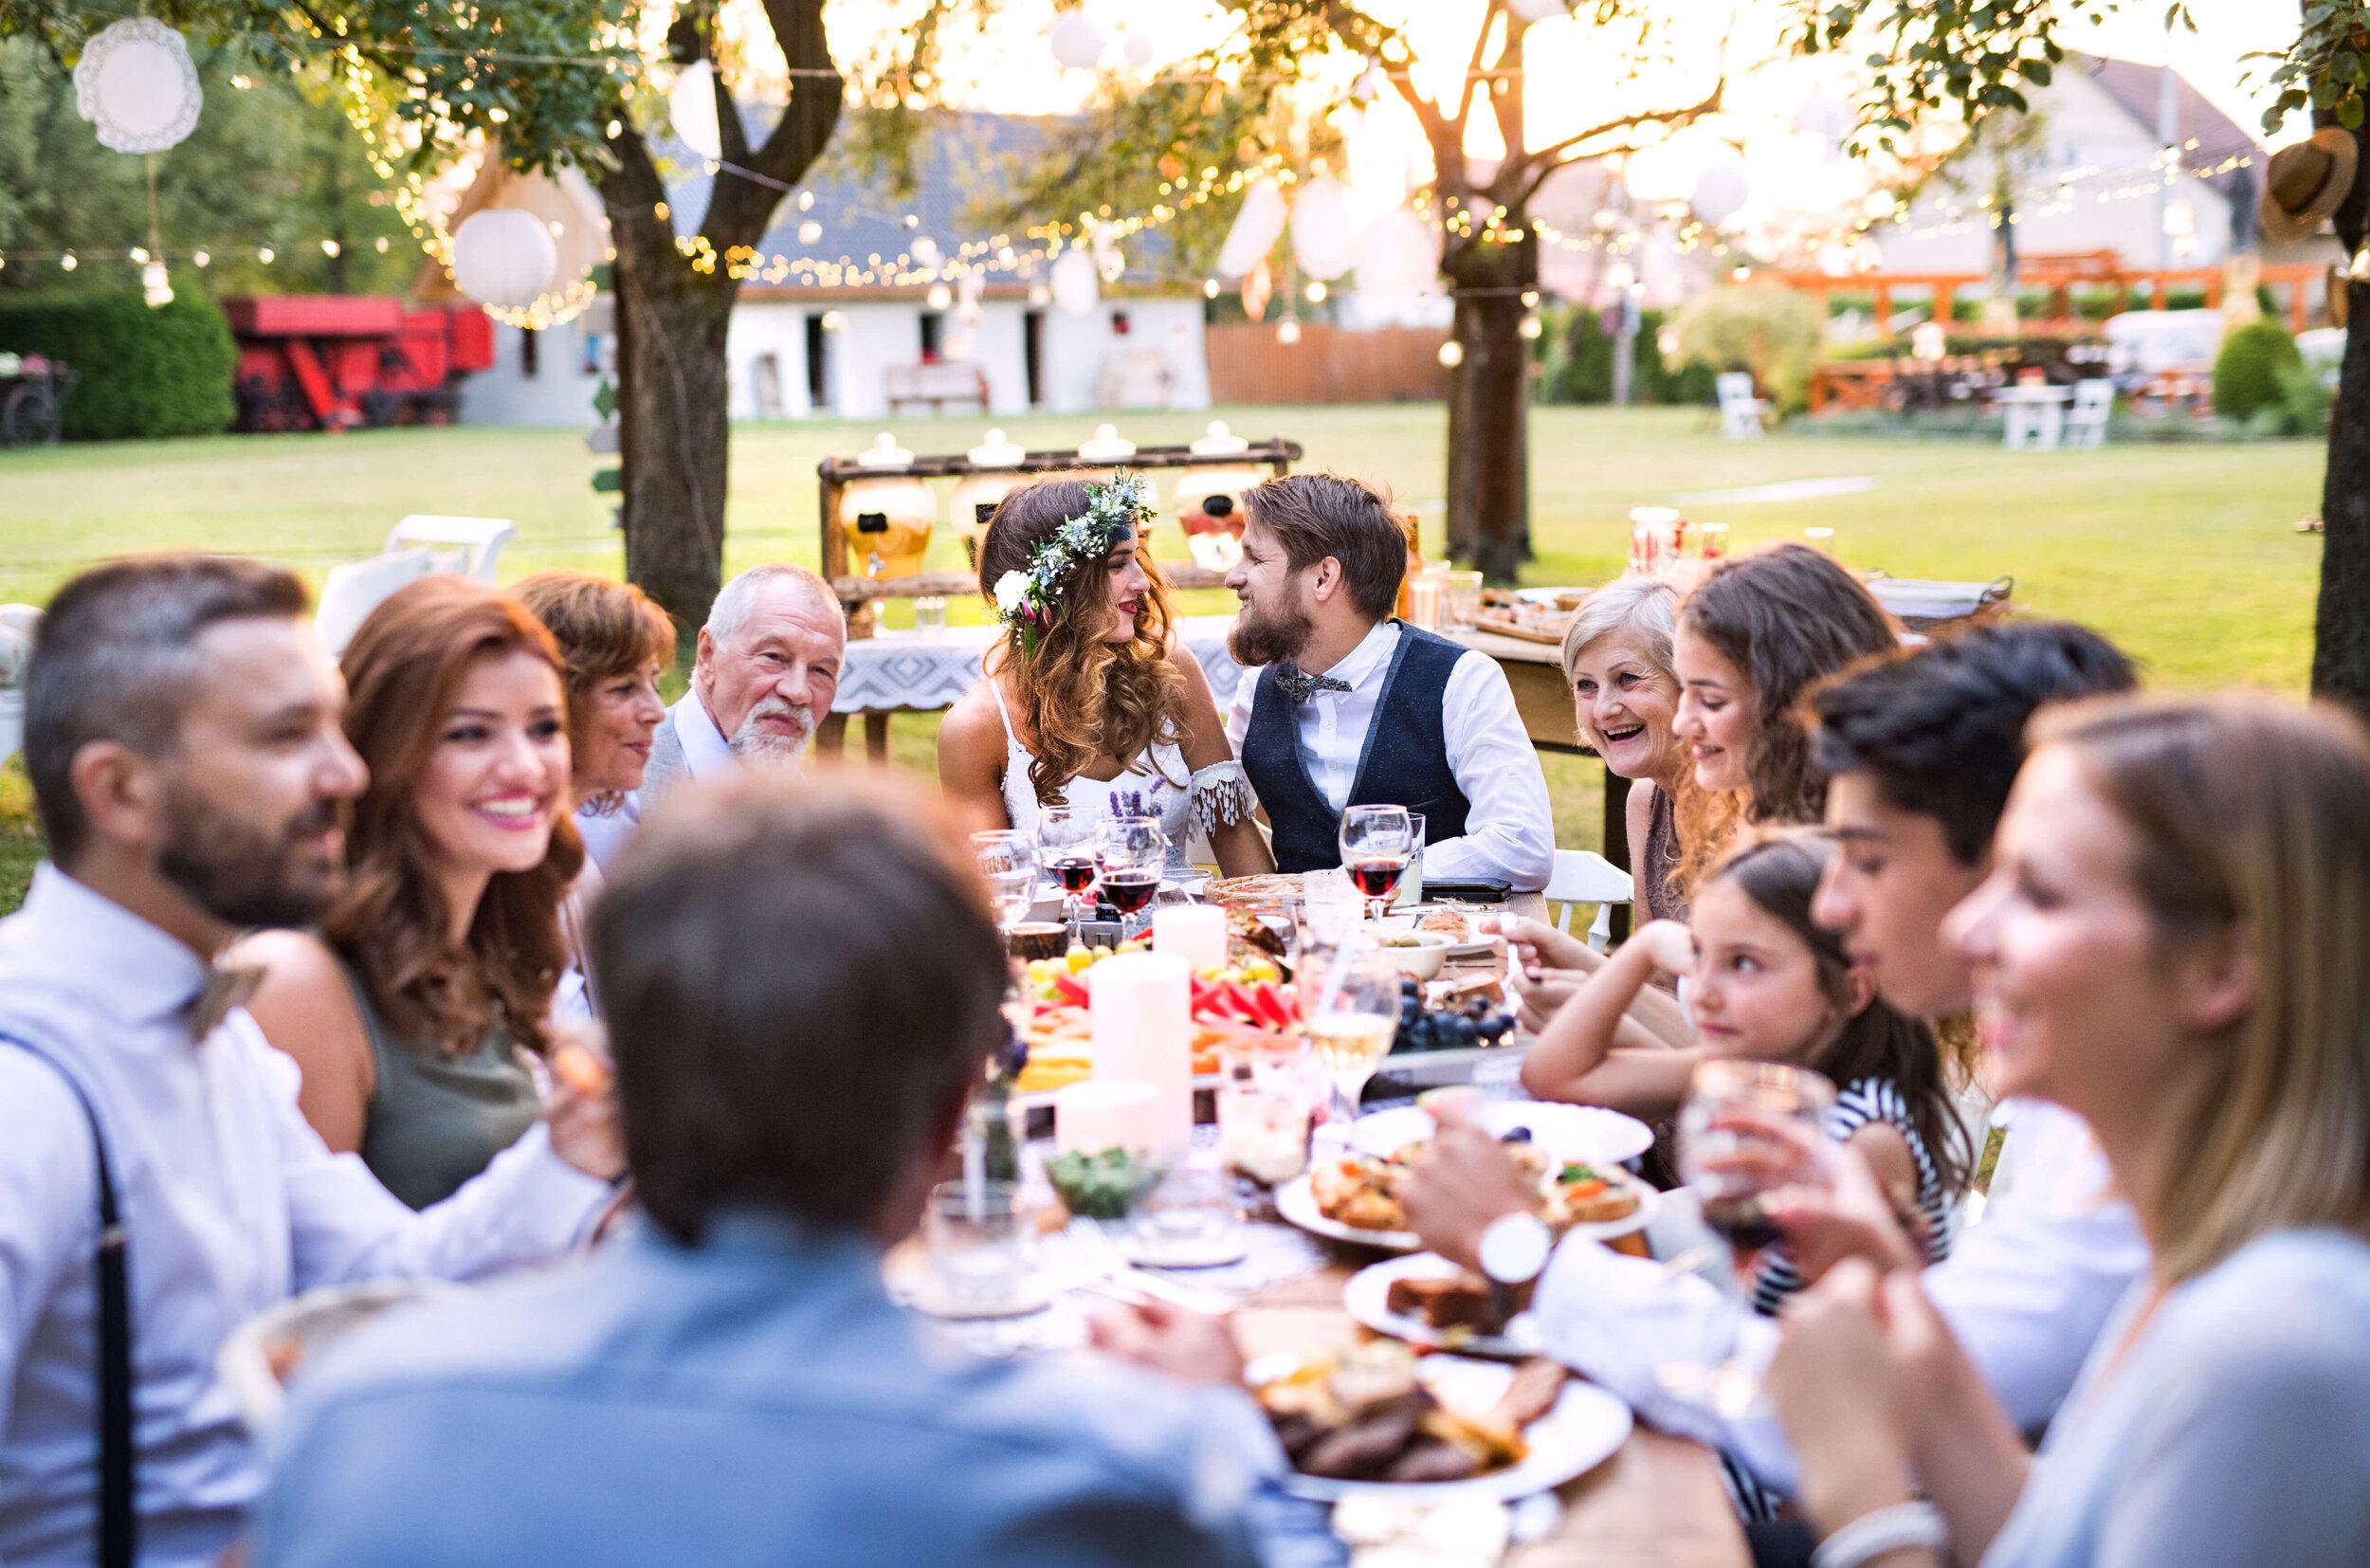 Table of people eating dinner at backyard wedding.jpg